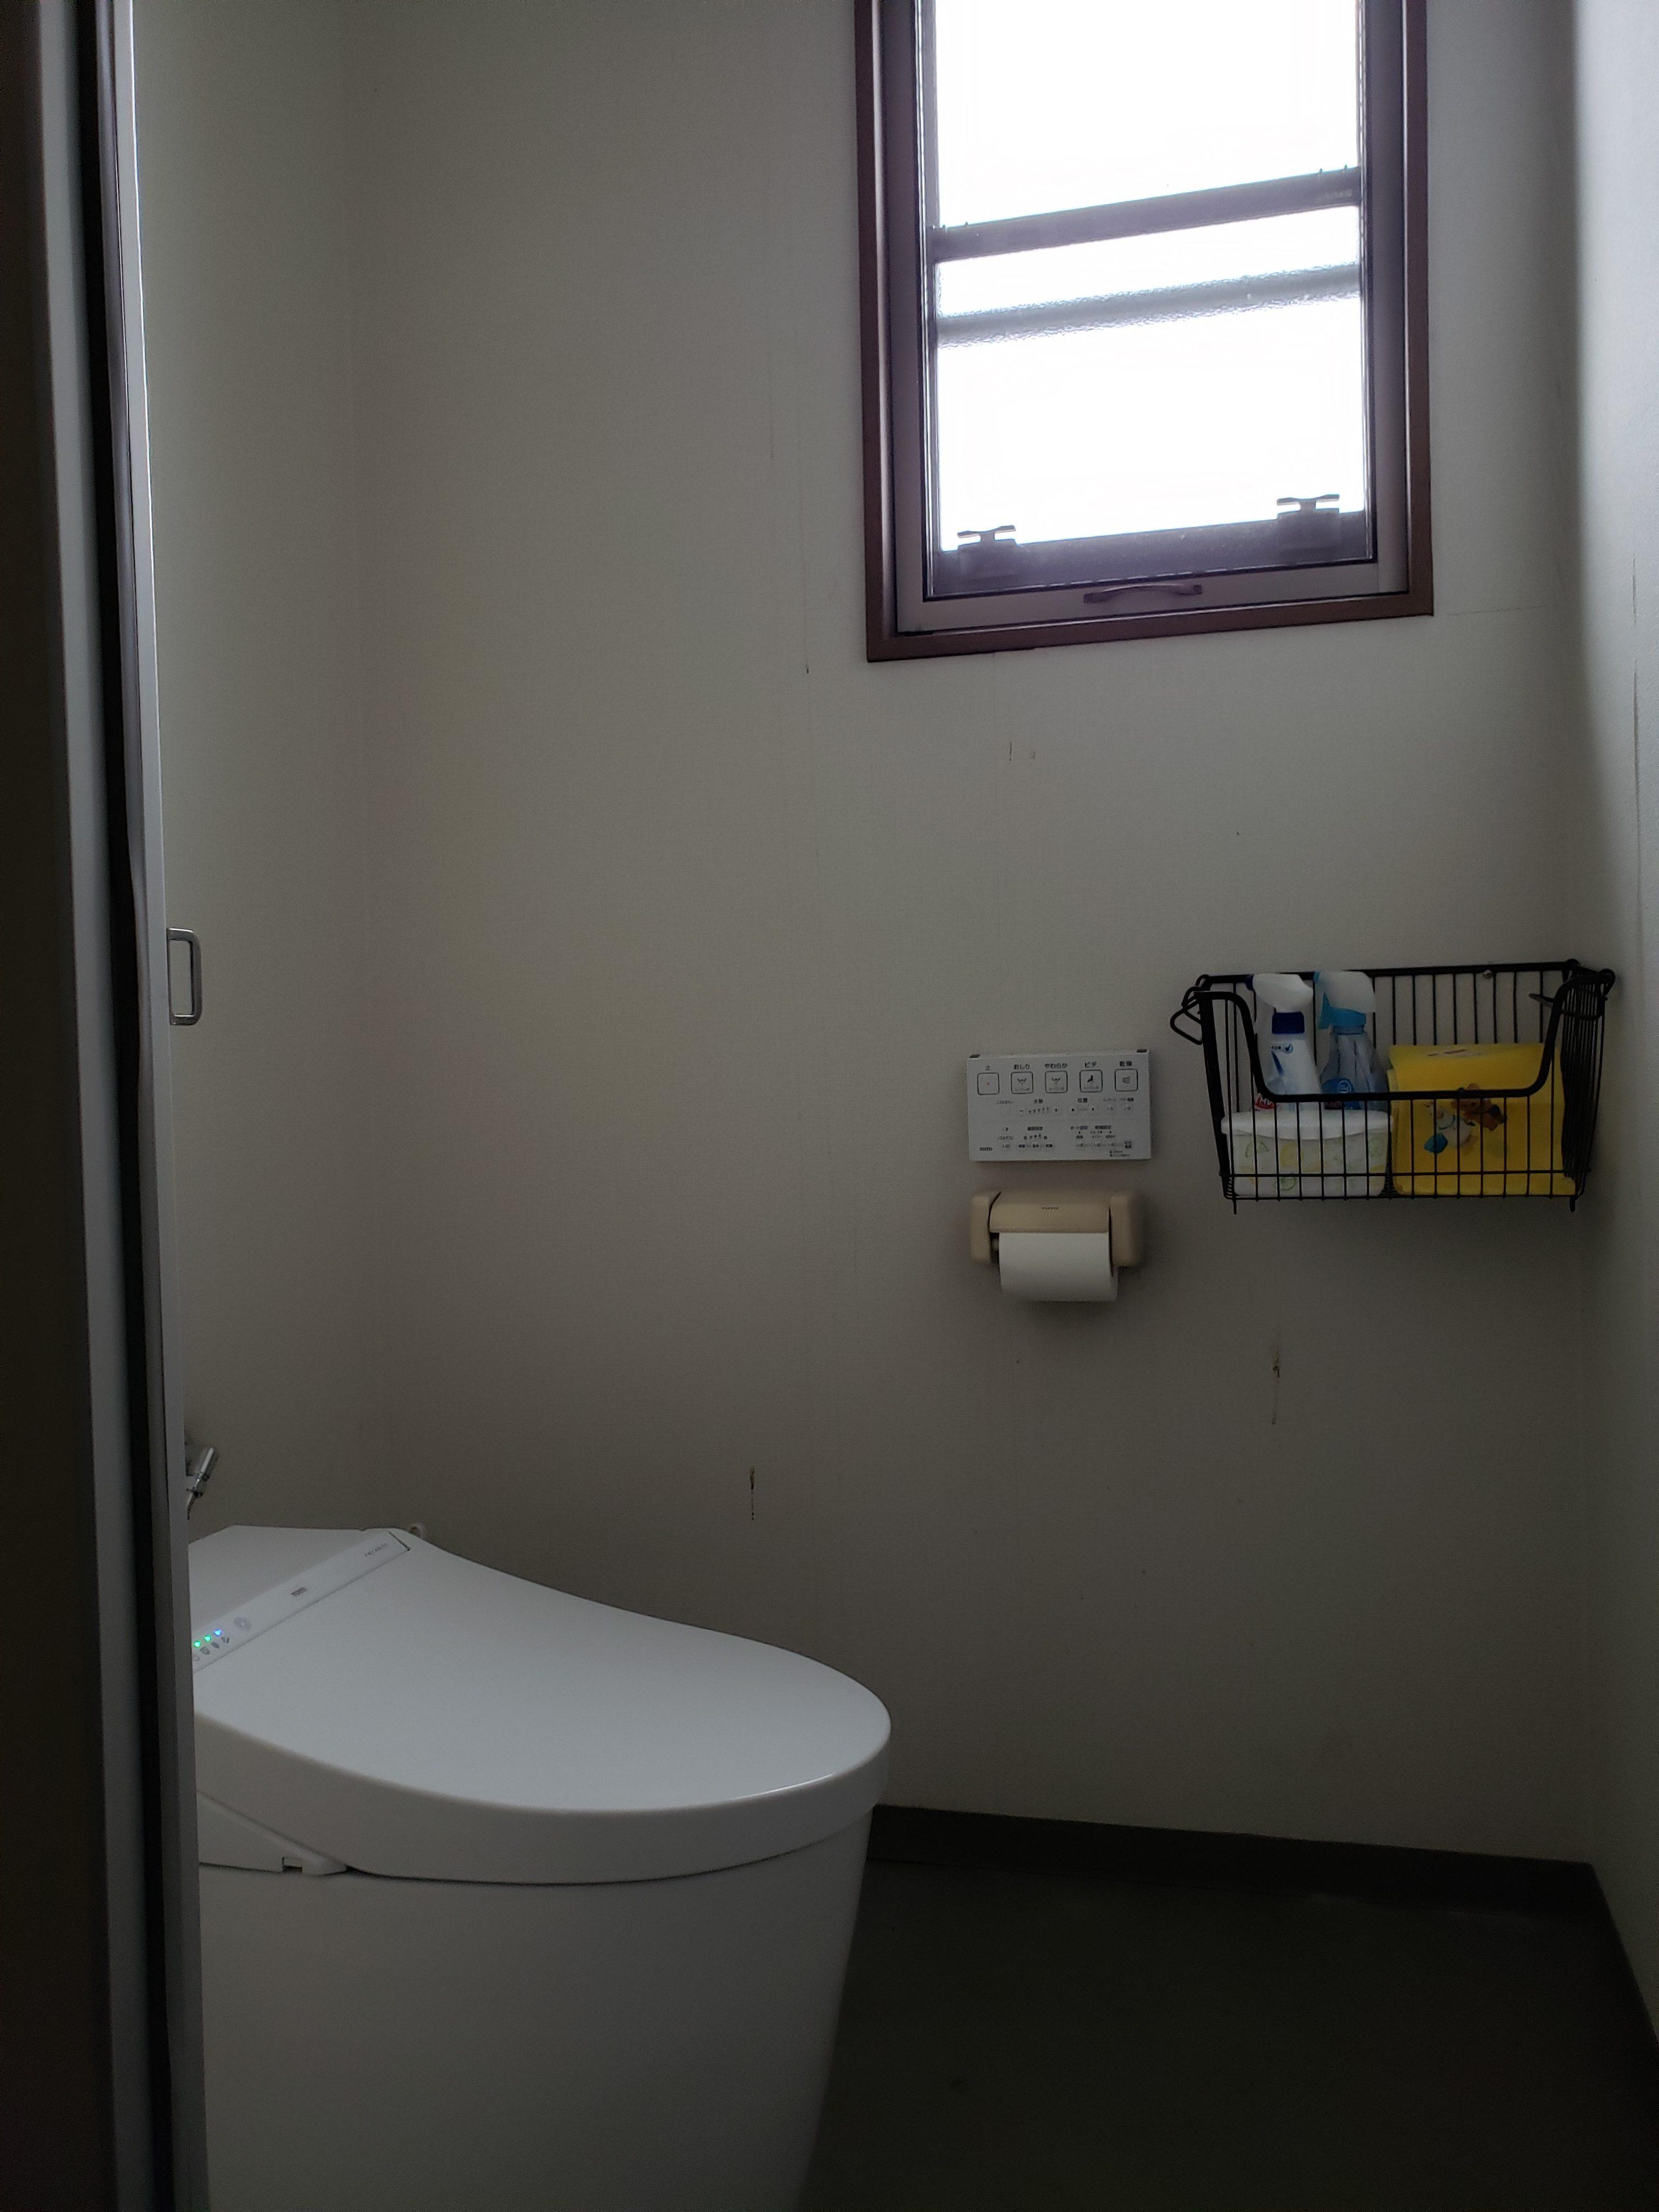 事務所 トイレ ヘイセイジャンプ ギャラリーパティオの現場ブログ メイン写真